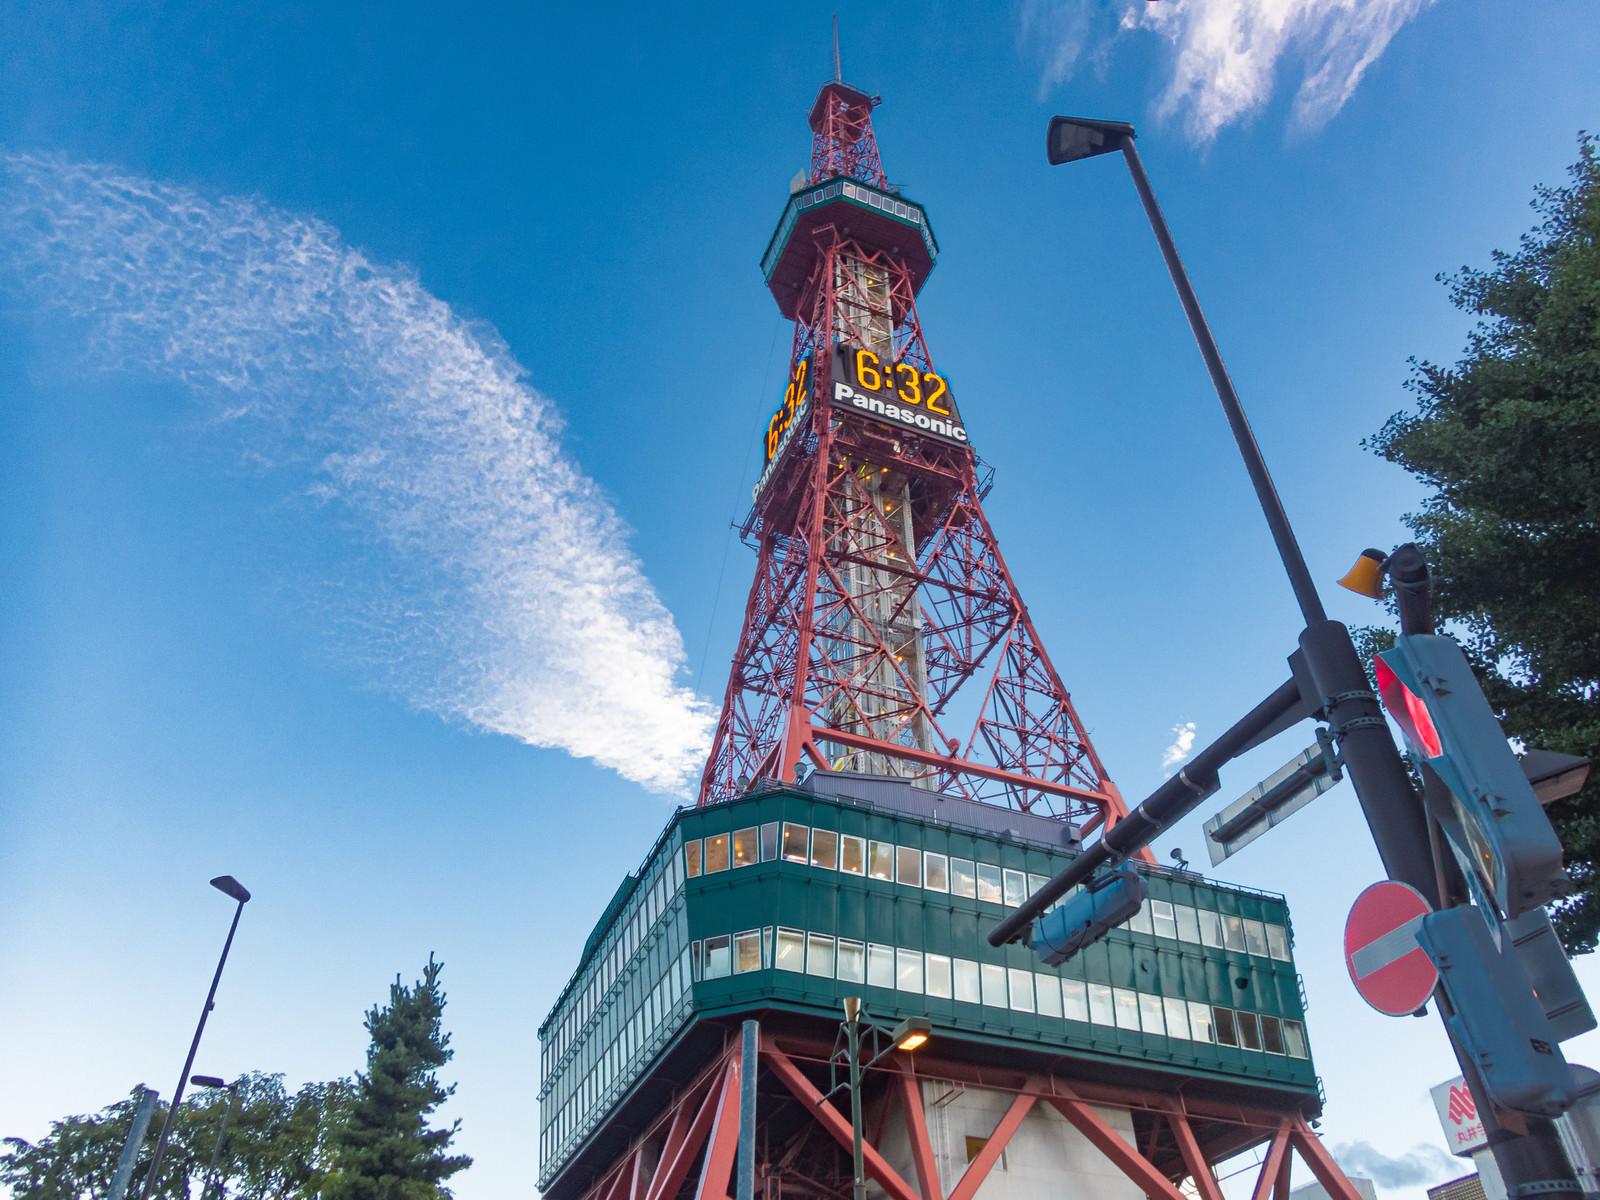 「見上げたさっぽろテレビ塔」の写真